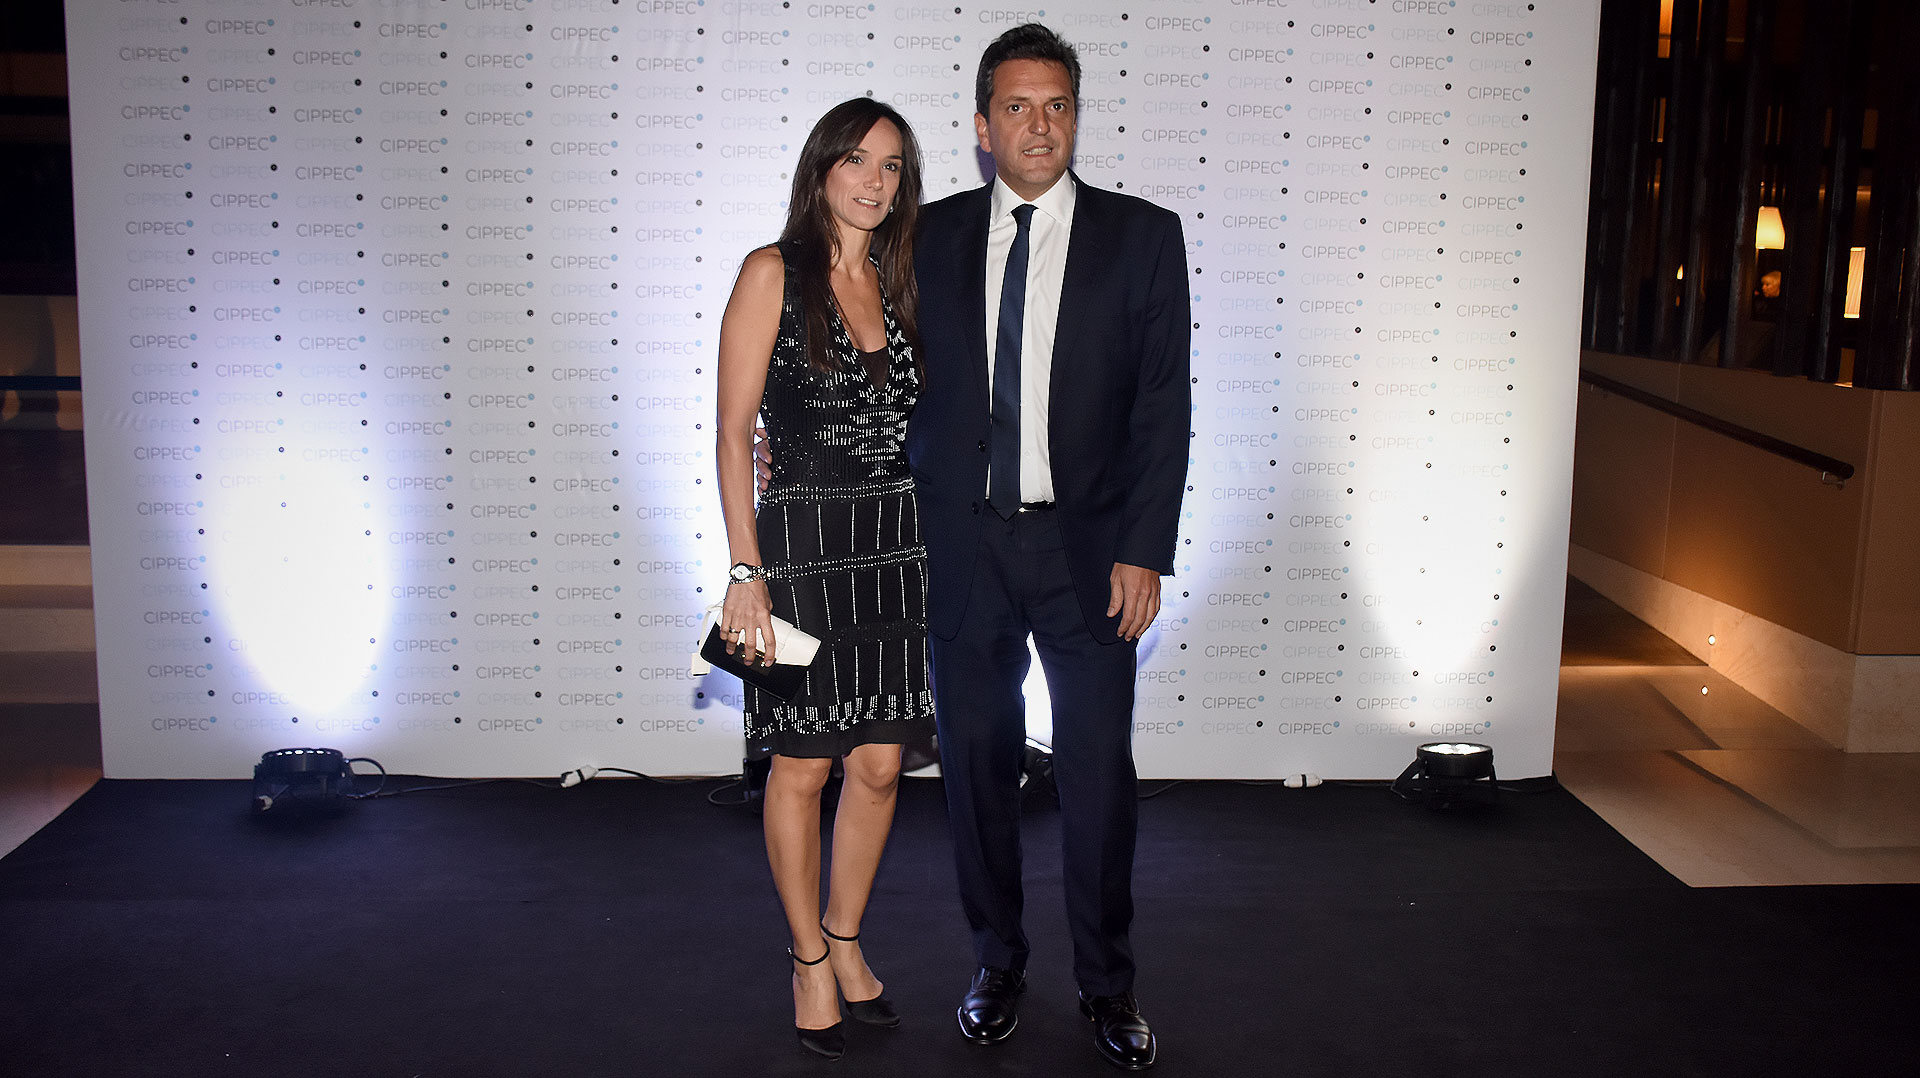 El diputado Sergio Massa y su mujer, Malena Galmarini